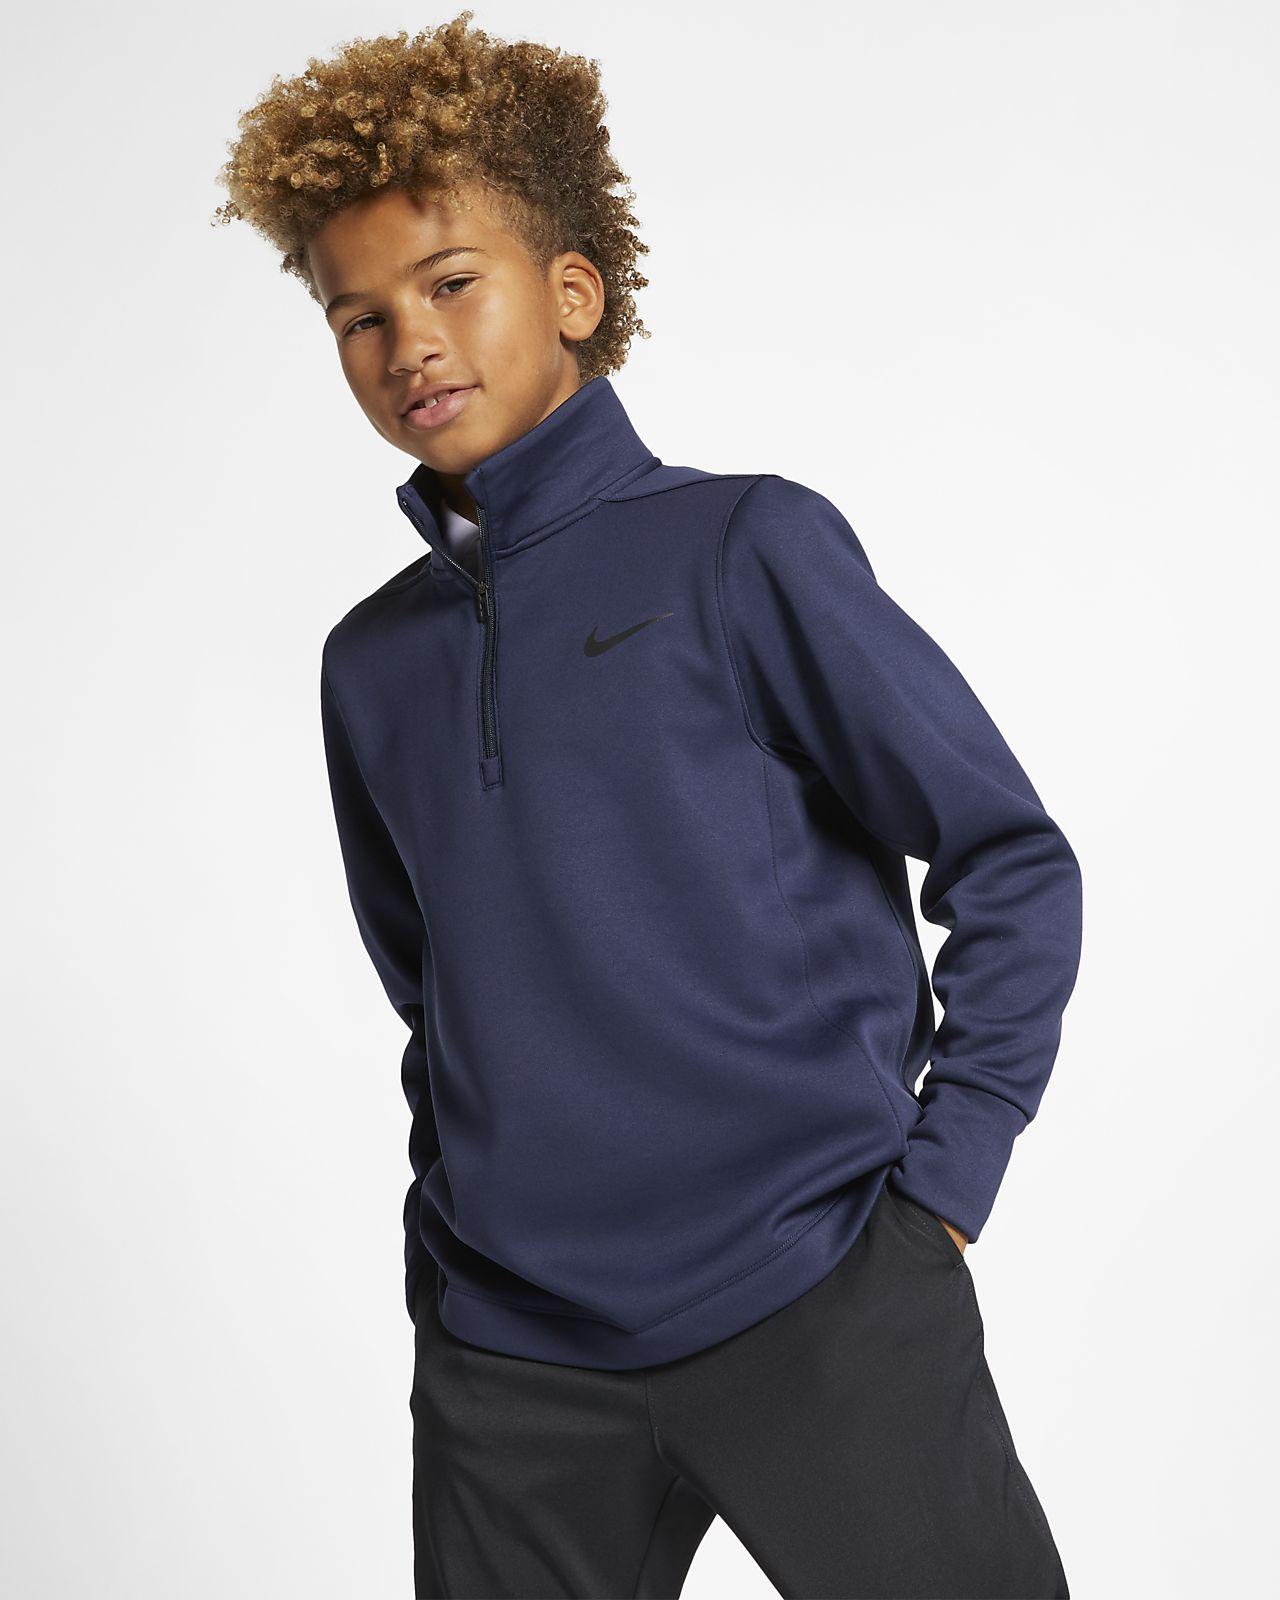 Nike Dri-FIT Therma Big Kids' (Boys') Half-Zip Golf Top